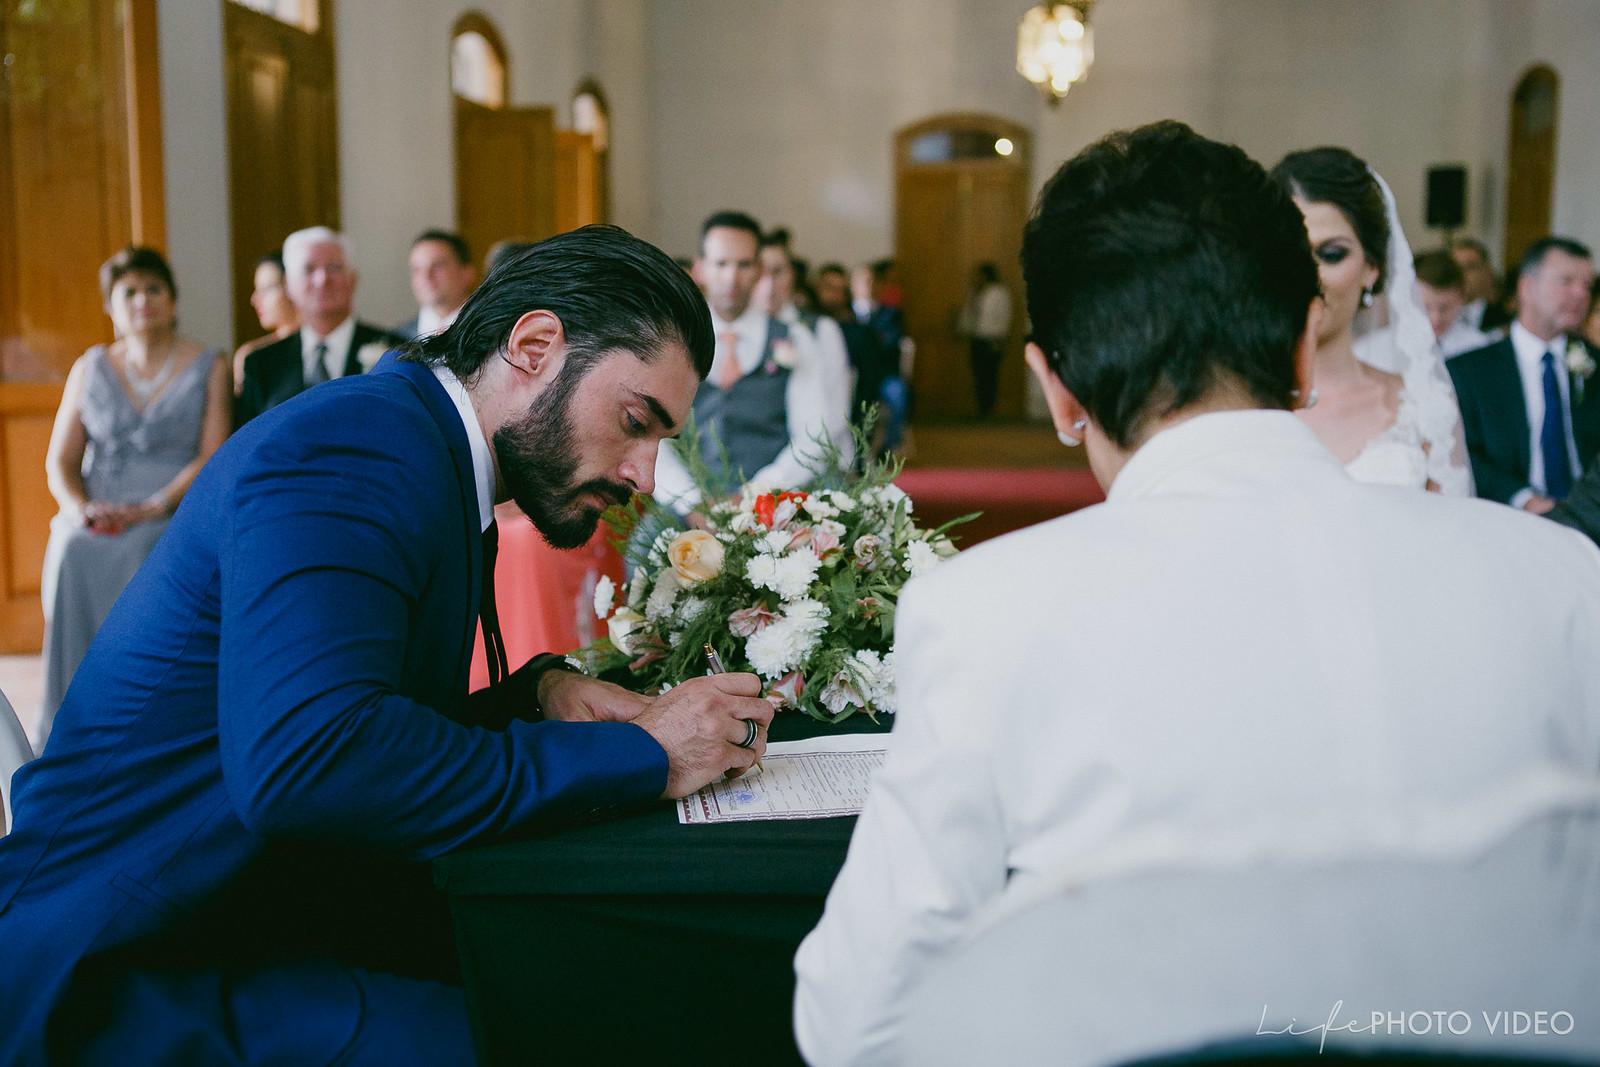 LifePhotoVideo_Boda_LeonGto_Wedding_0046.jpg